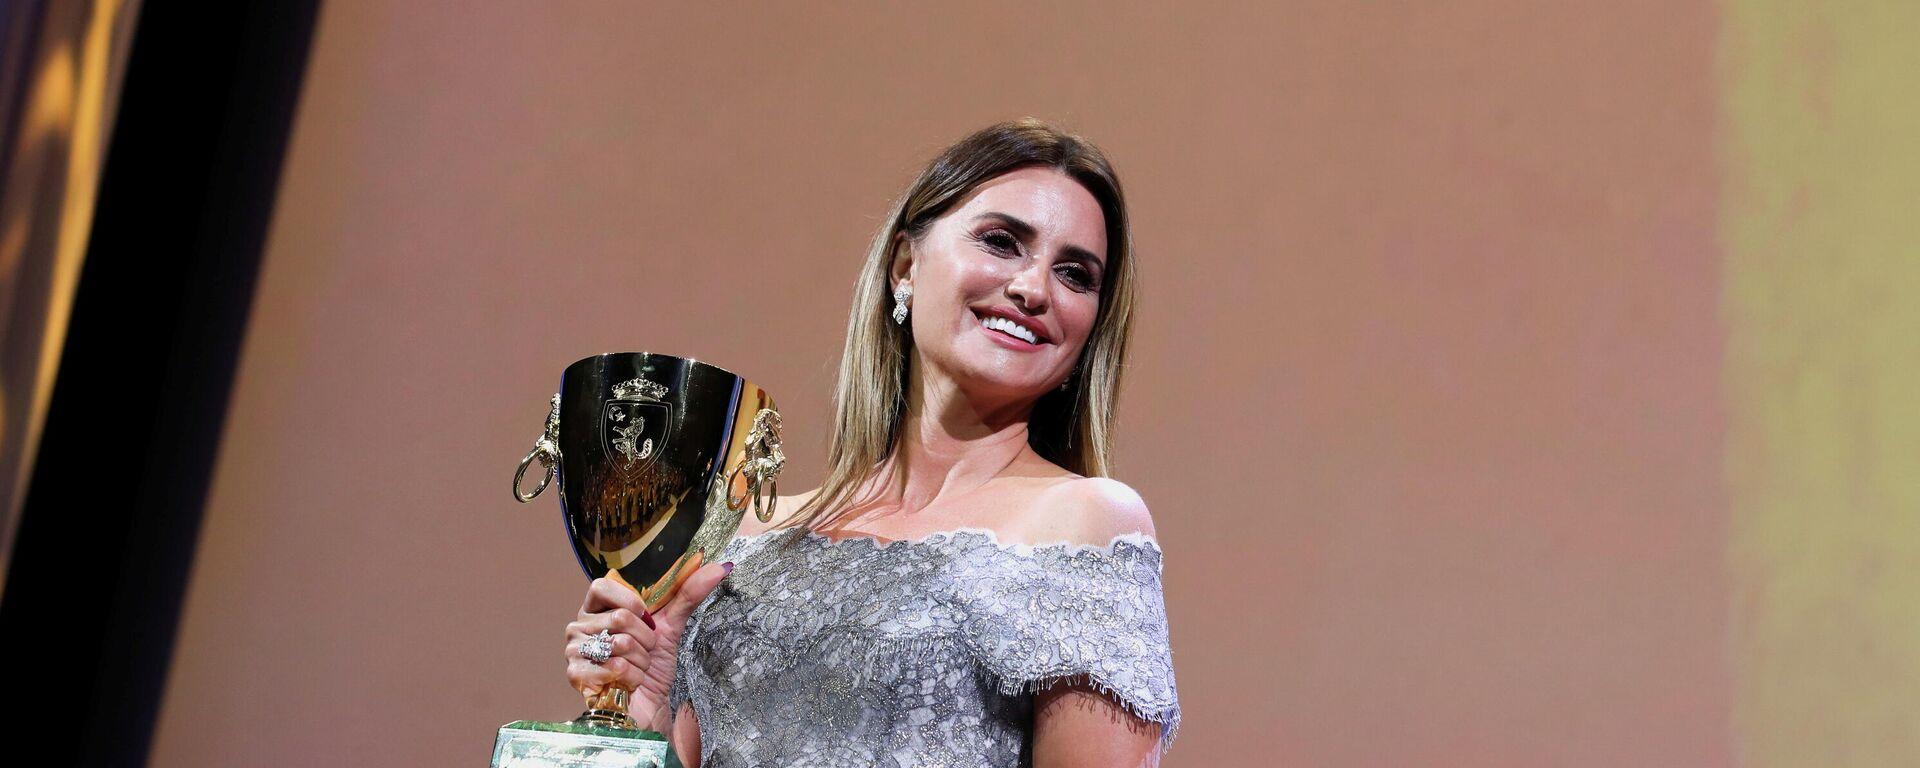 Penélope Cruz, actriz española, recibe la Copa Volpi a la Mejor Actriz en el Festival de Cine de Venecia, el 11 de septiembre del 2021 - Sputnik Mundo, 1920, 11.09.2021